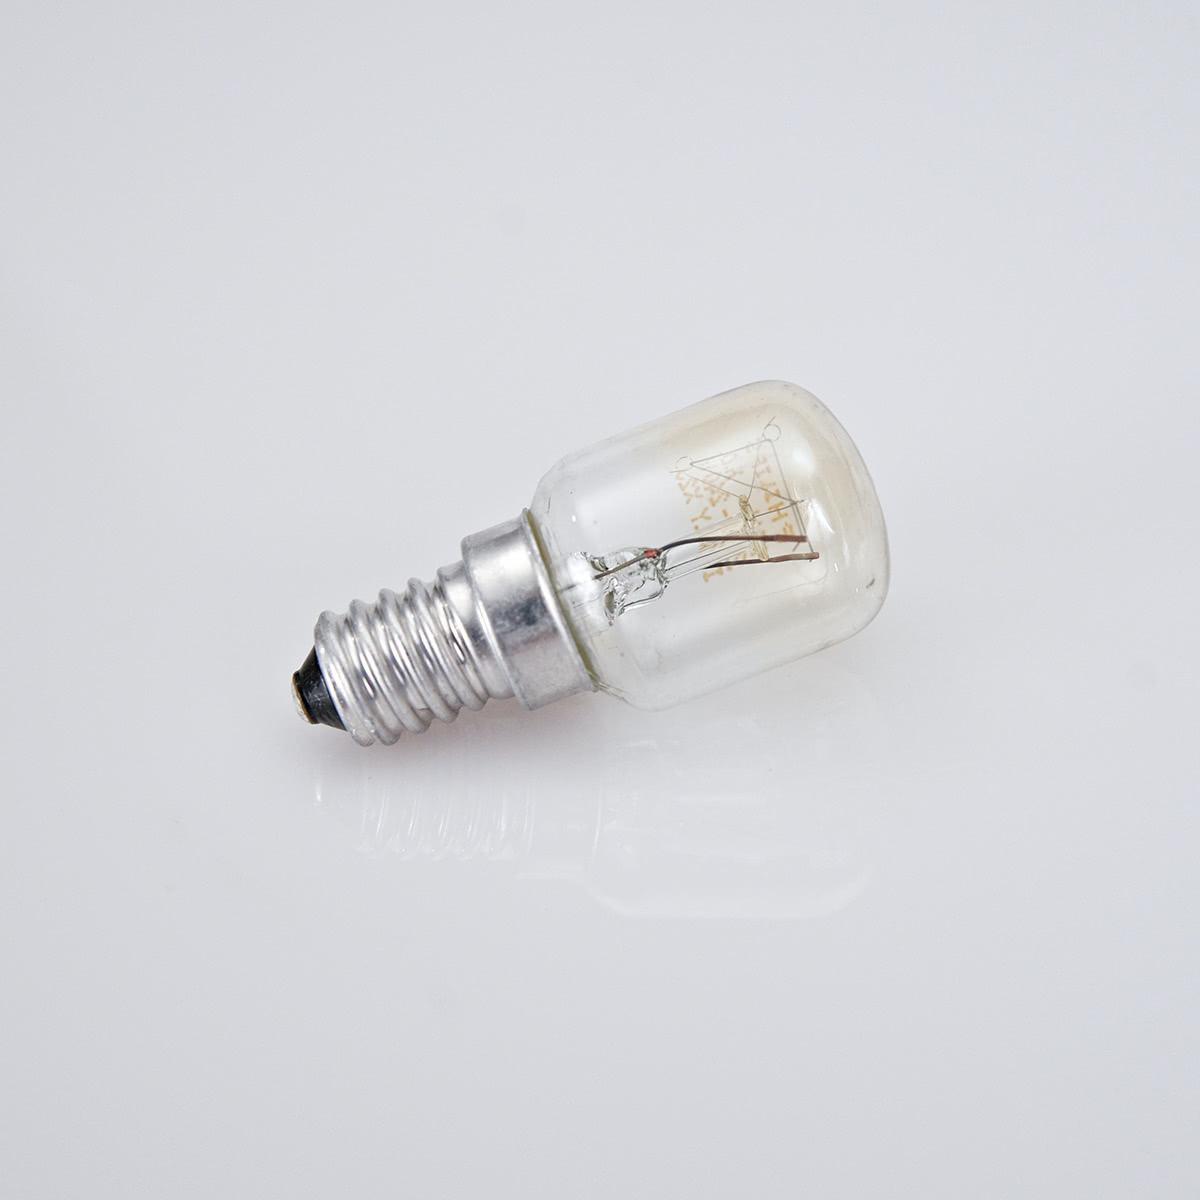 Ersatz-Glühbirne 15W für Alabaster-Duftlampen, 1St.